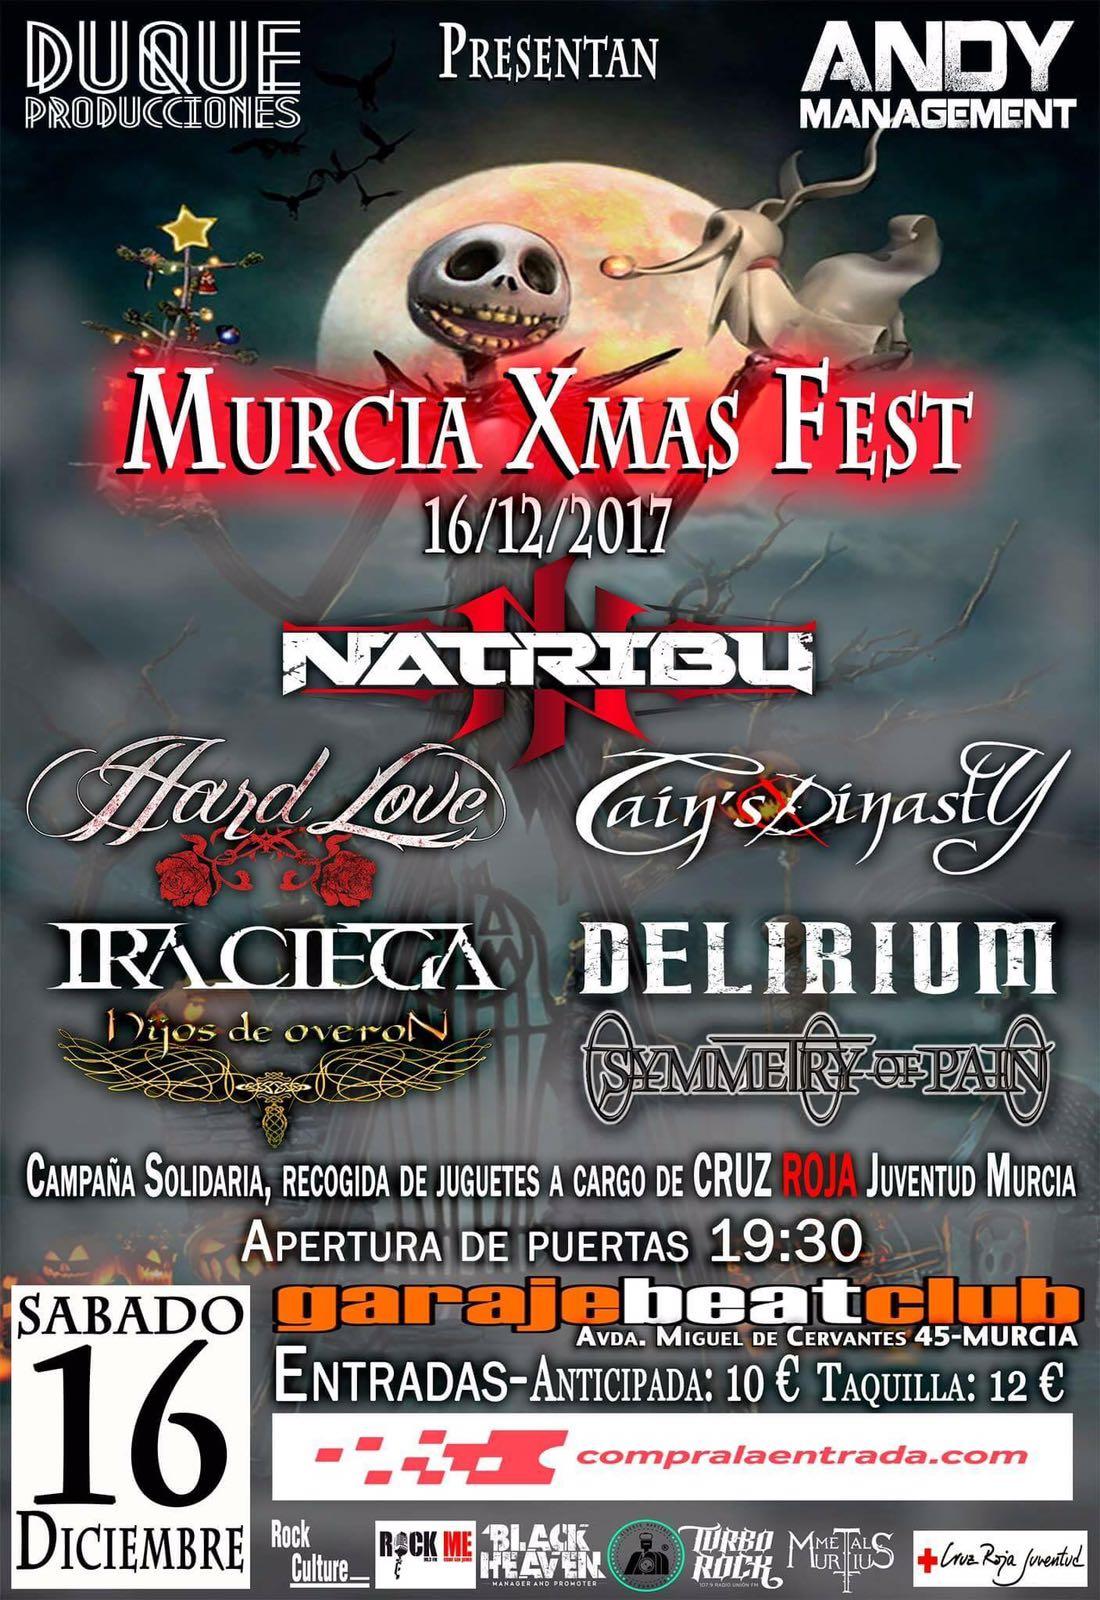 Murcia Xmas Fest